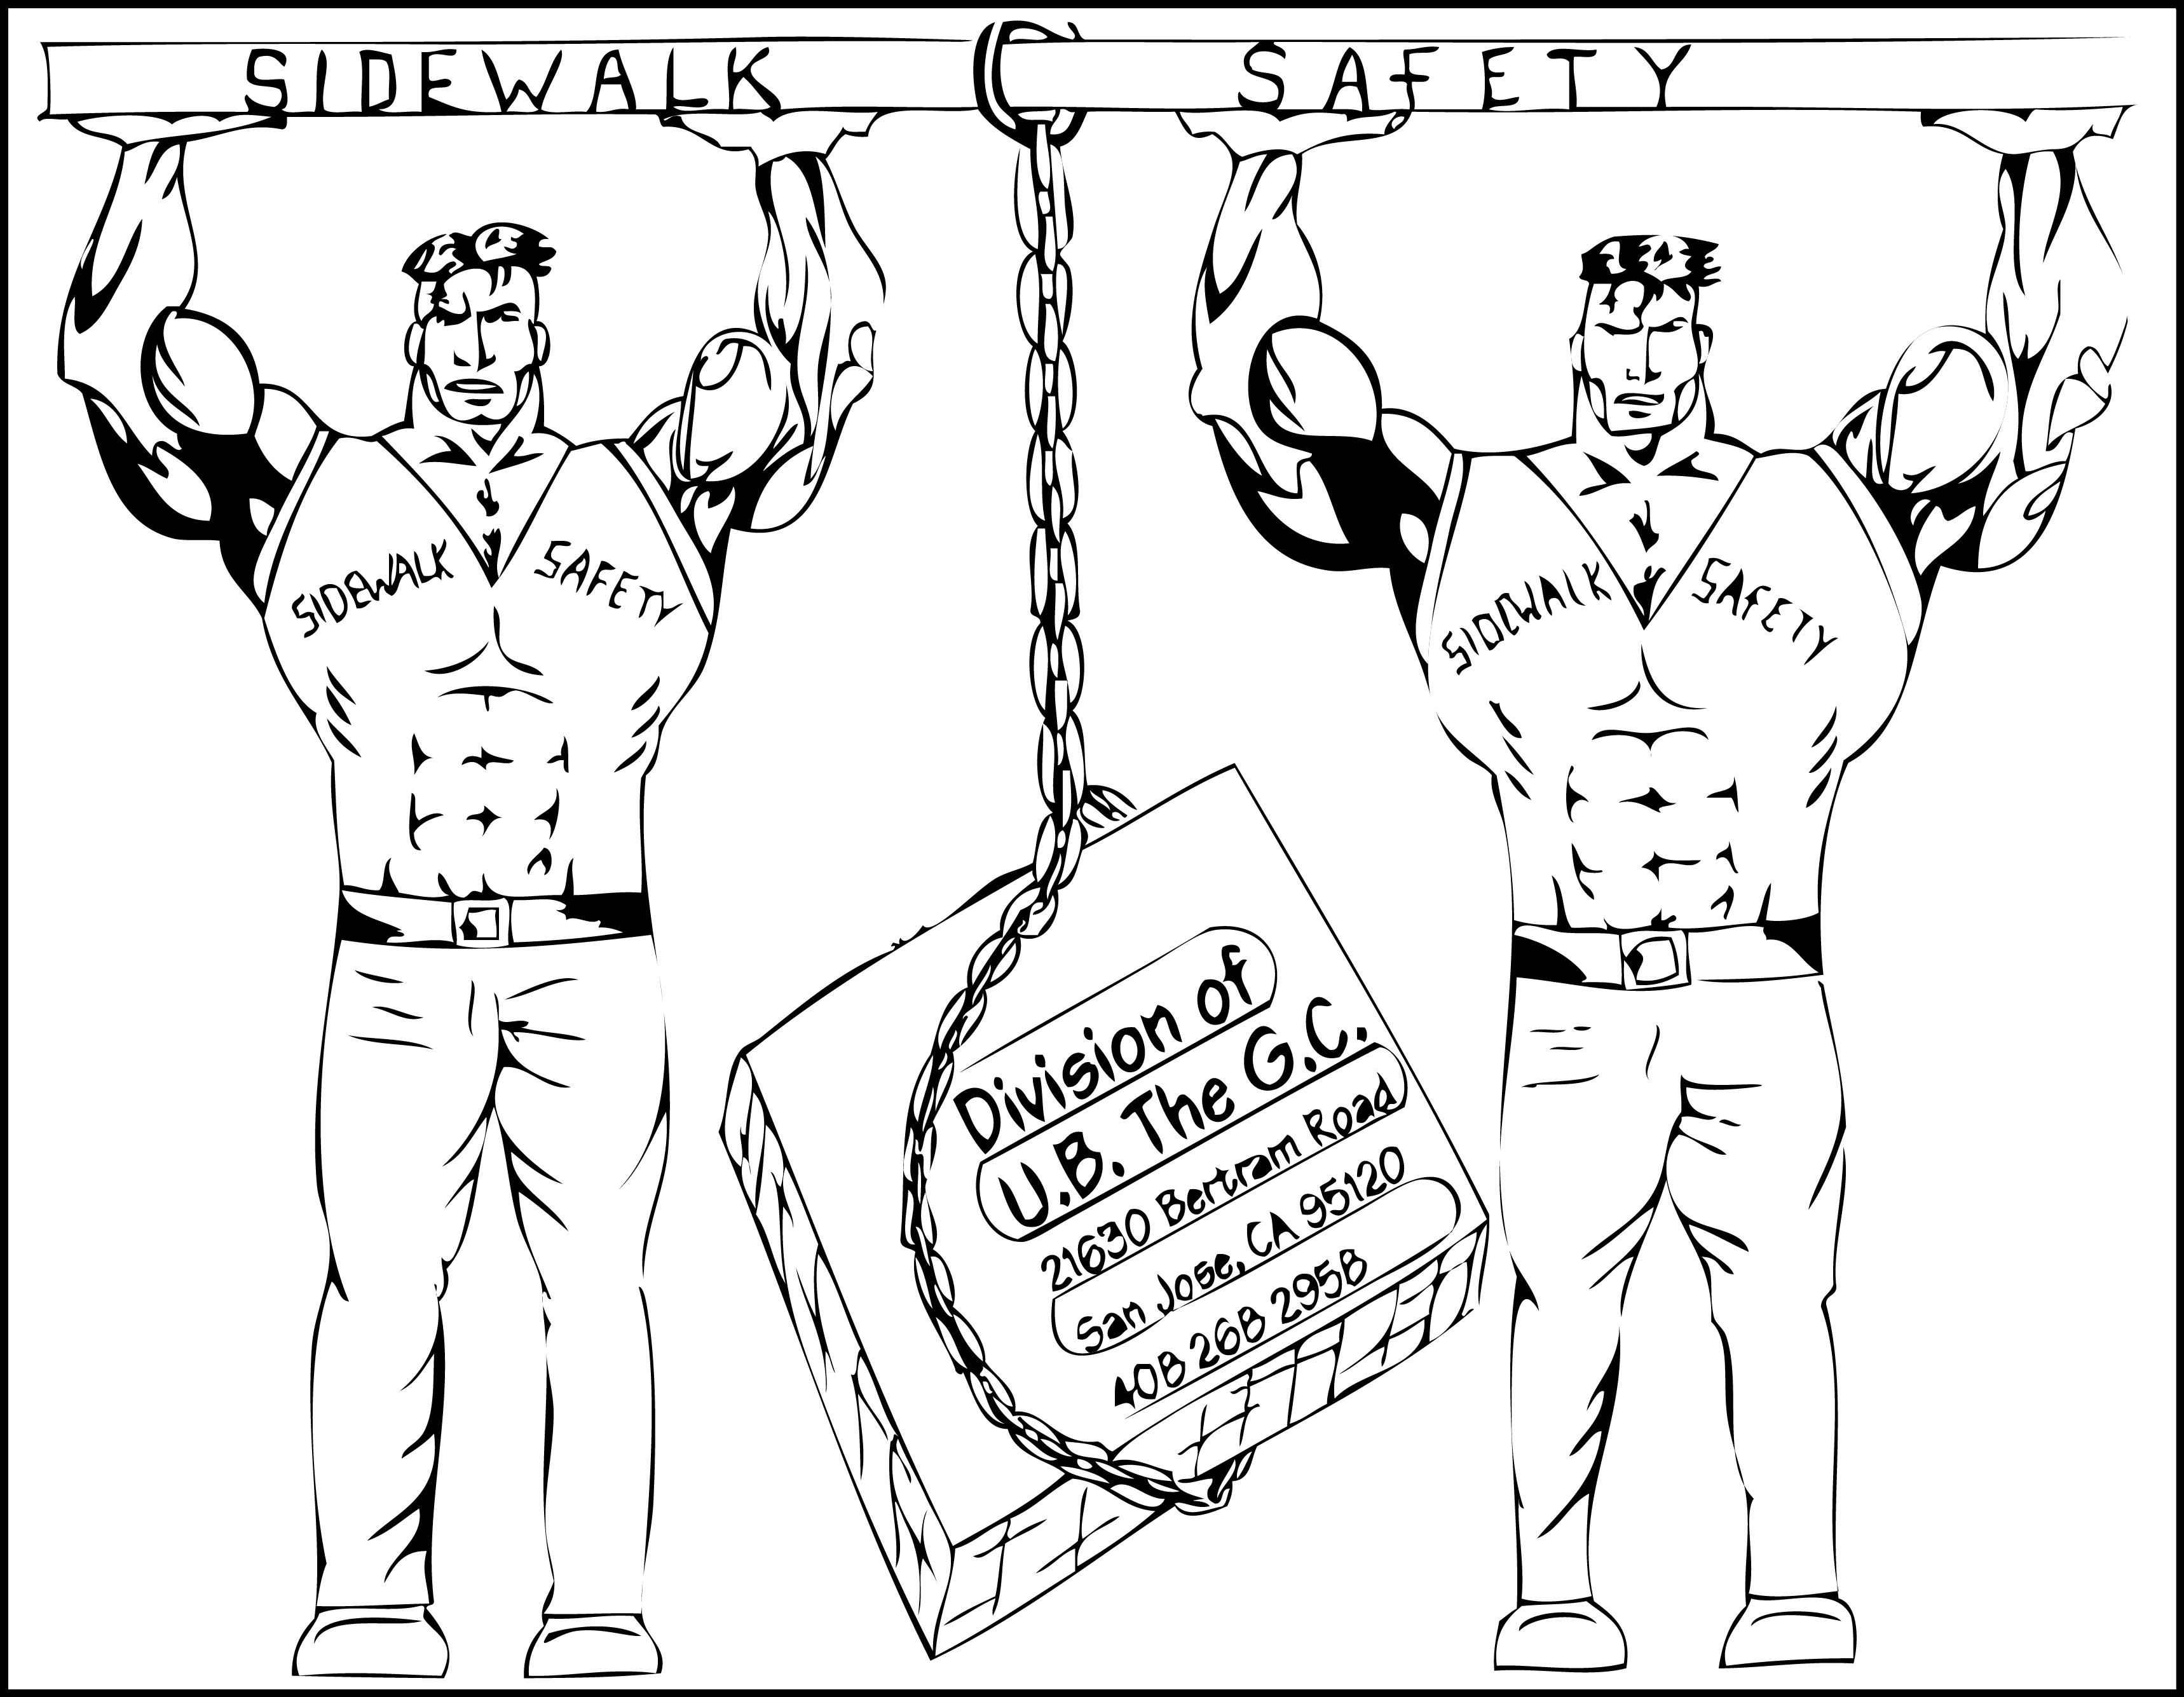 3436x2670 Sidewalk Safety